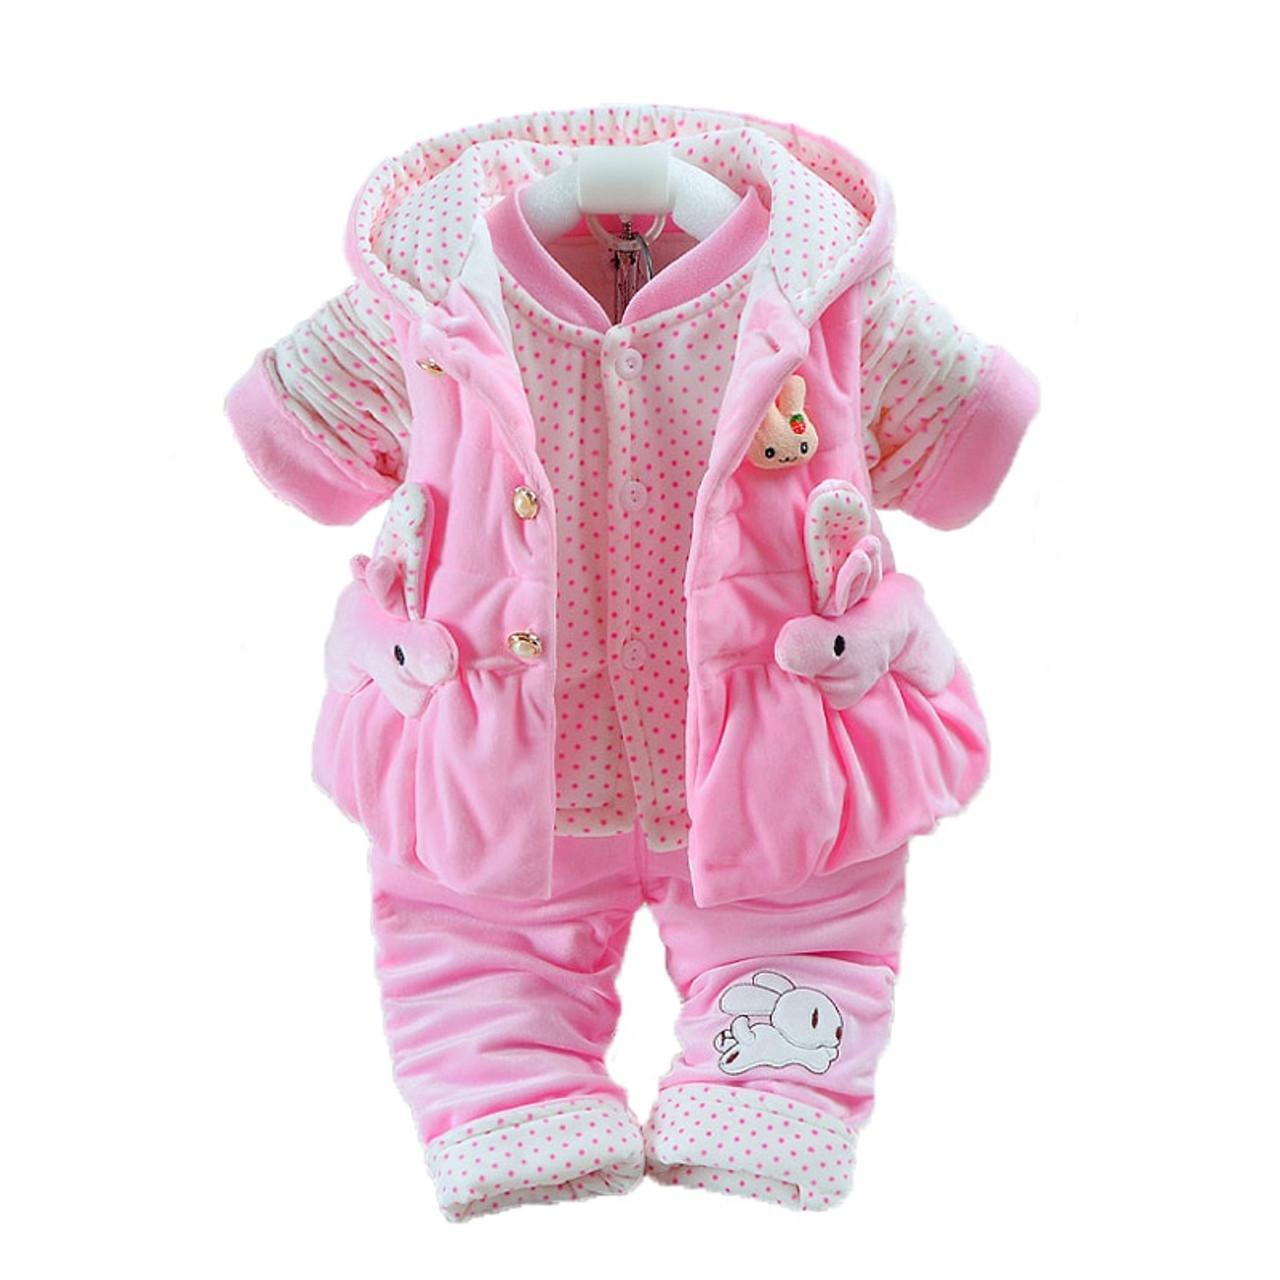 868d04580205 Newborn Flannel Clothes Baby Boys Jumpsuit Girls Thicken Warm Rompers  Pajamas Plus velvet Vest+Coat+ Pants Kids Infant 3Pcs W139 - OnshopDeals.Com